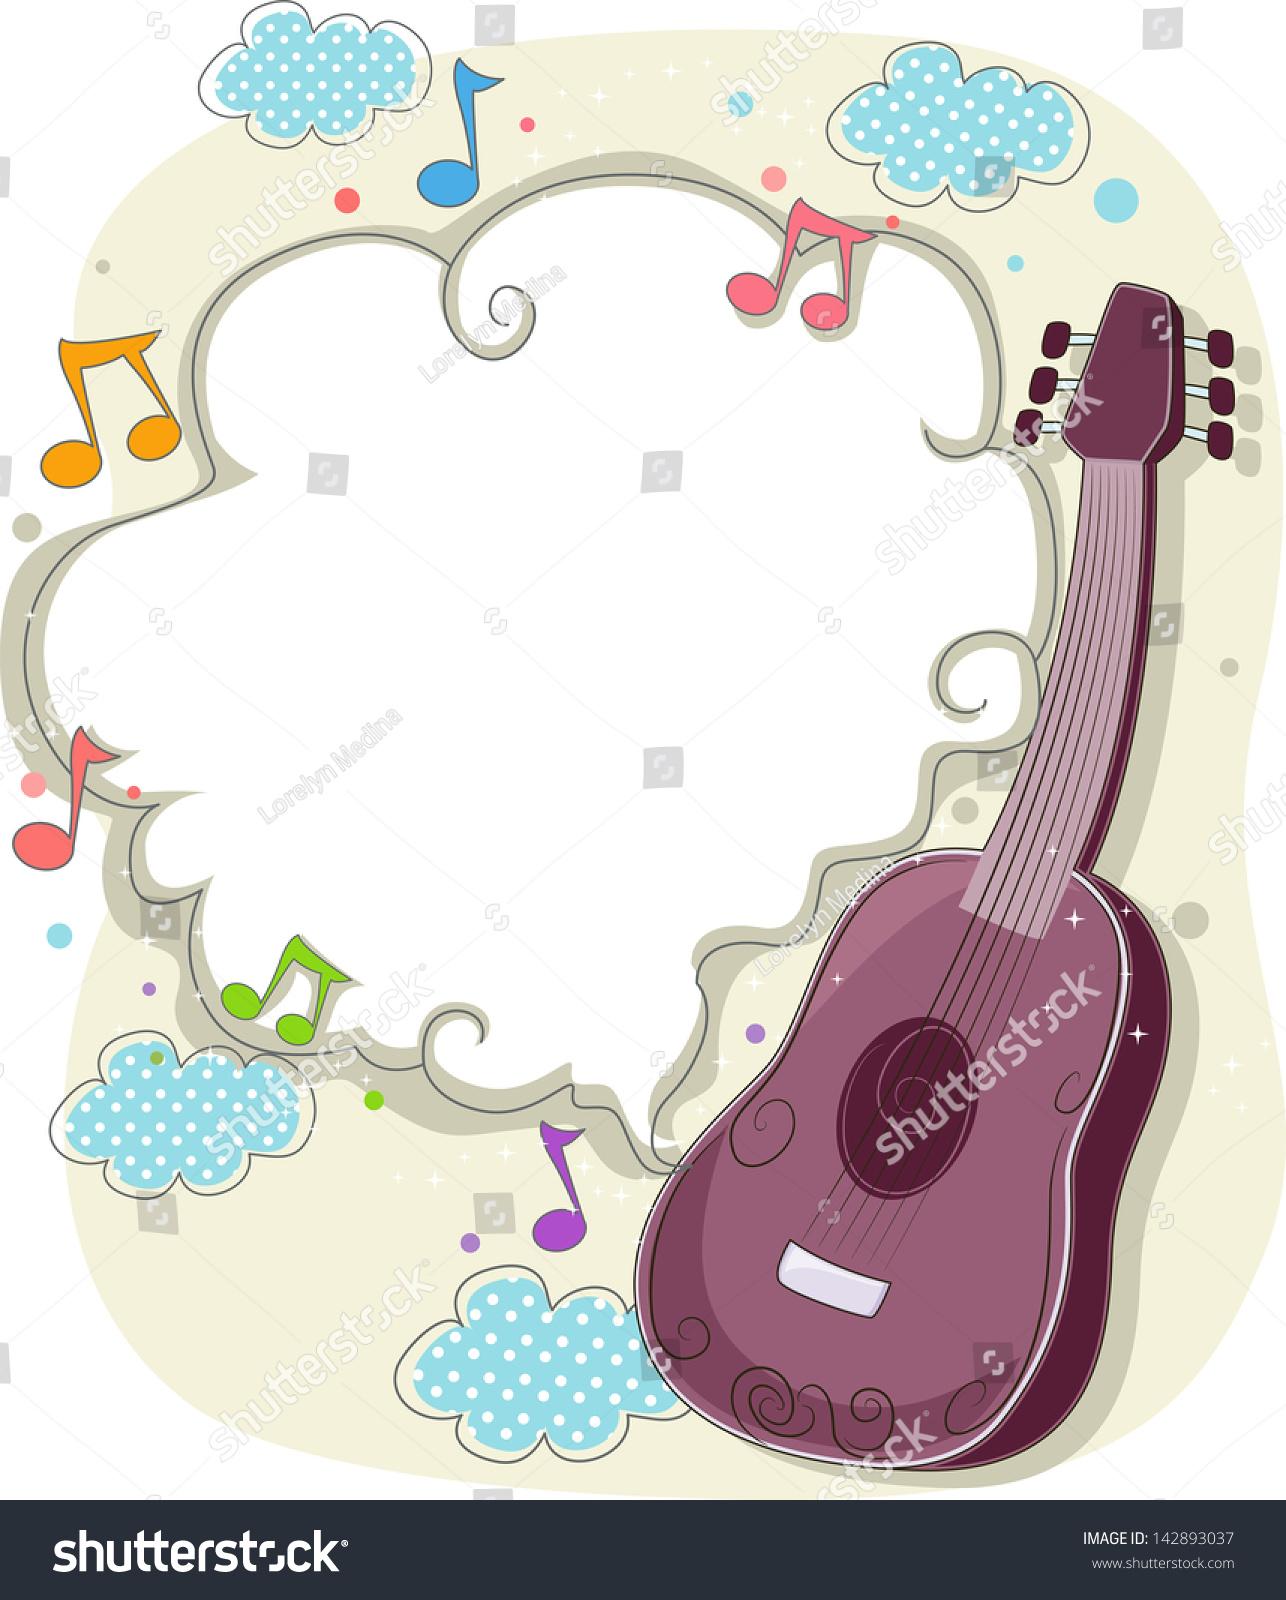 背景插图的吉他音符框架-背景/素材